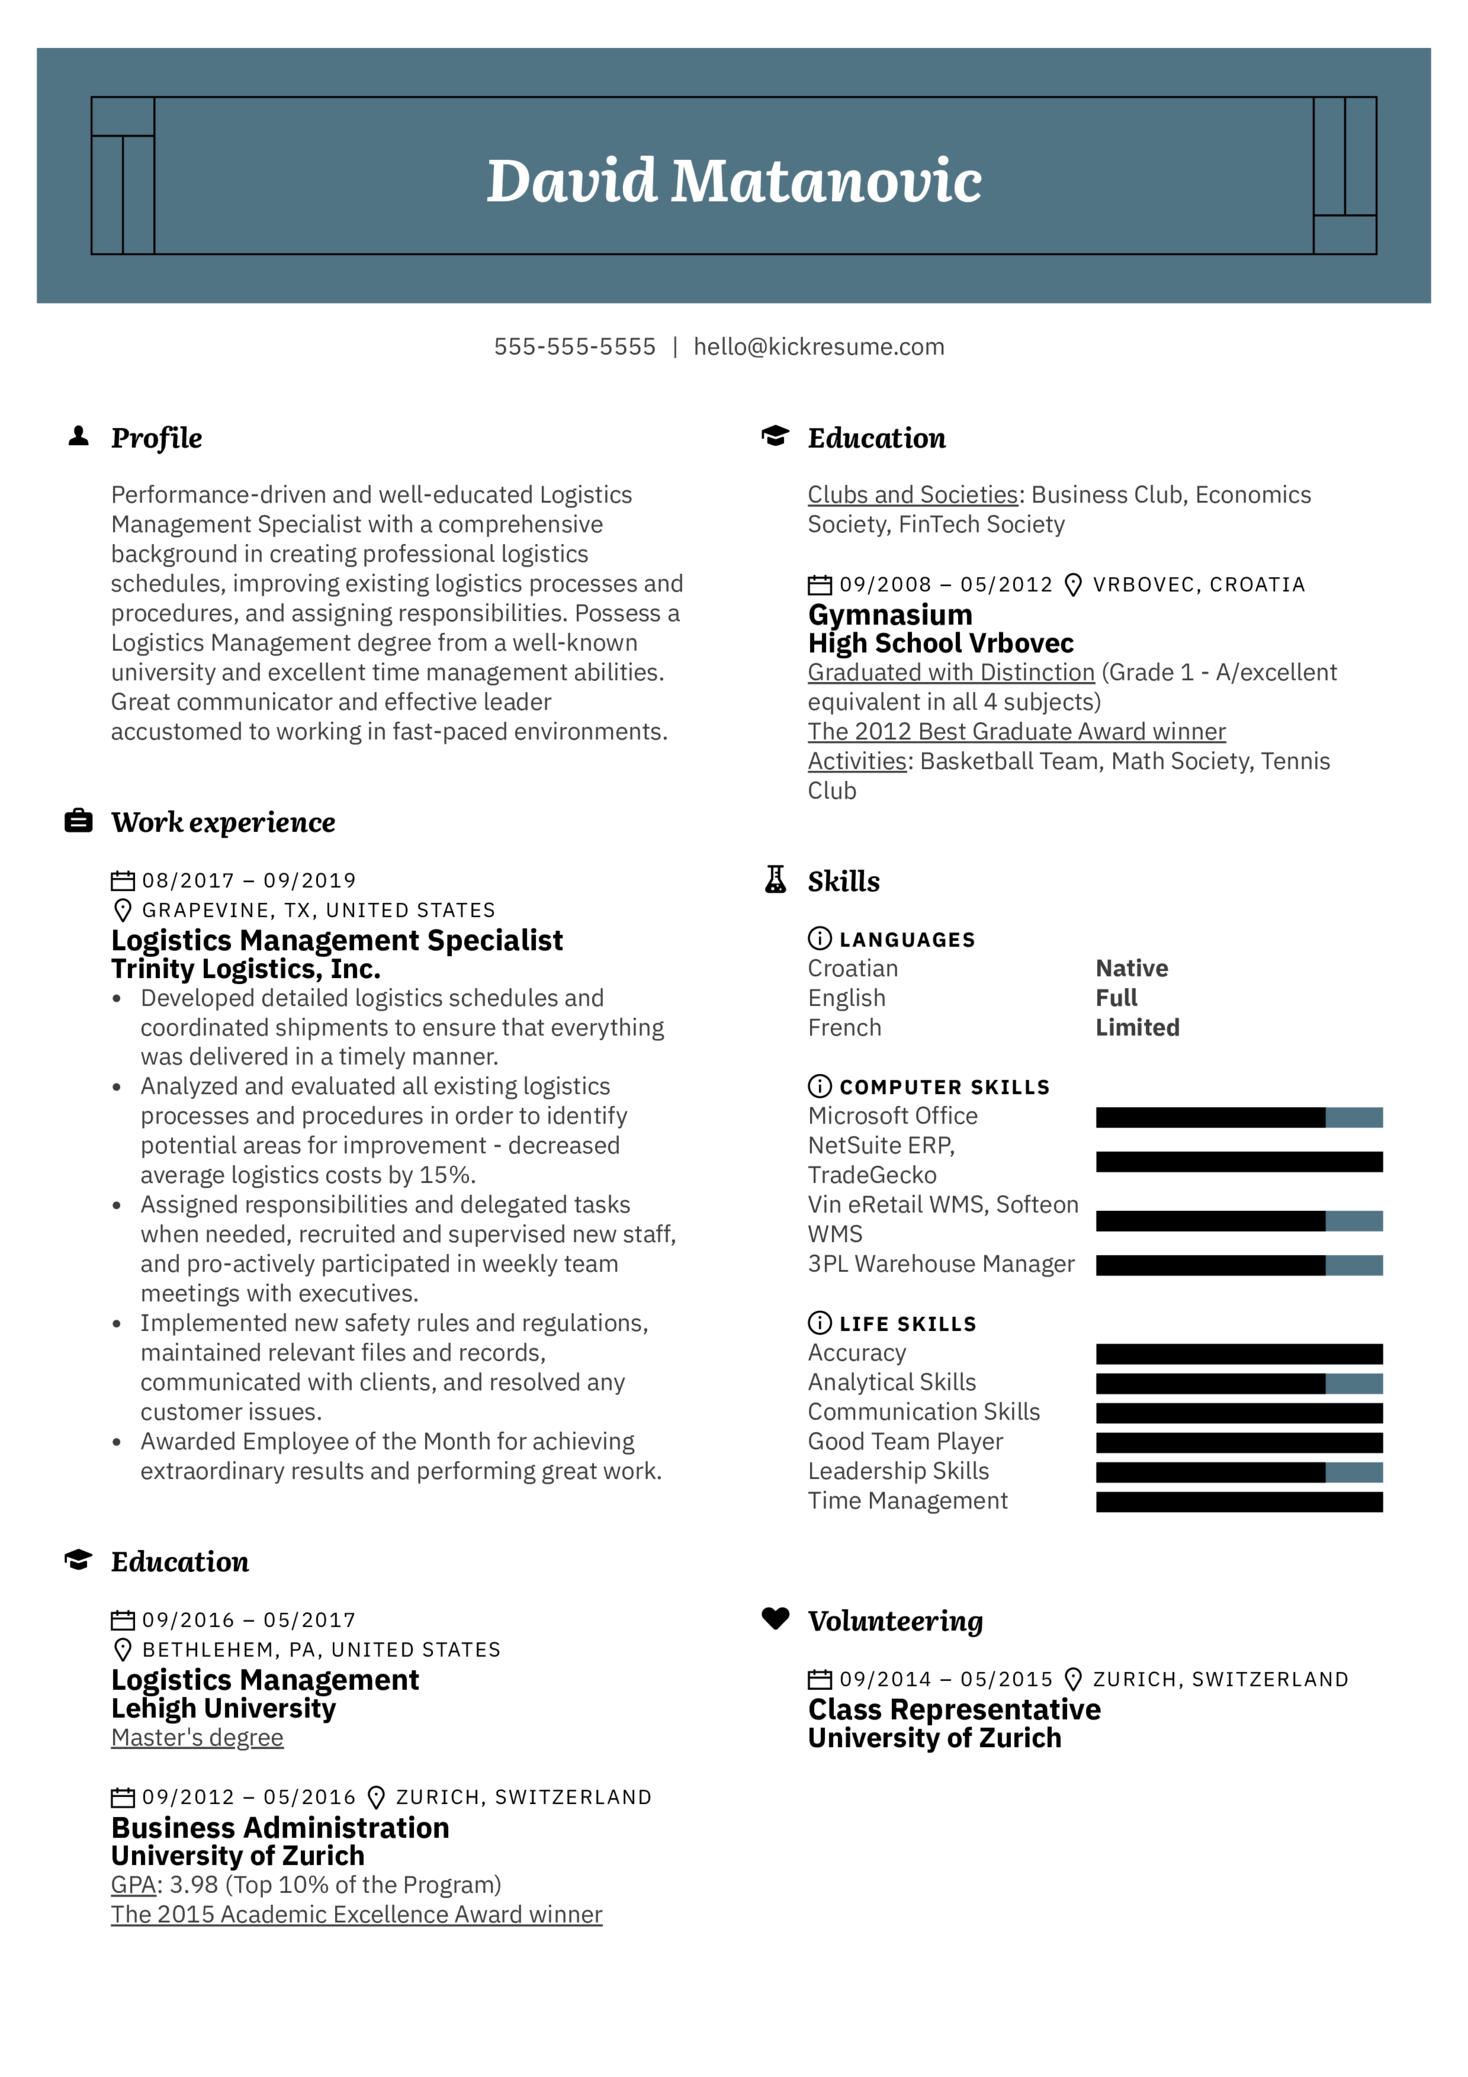 Logistics Management Specialist Resume Example (časť 1)